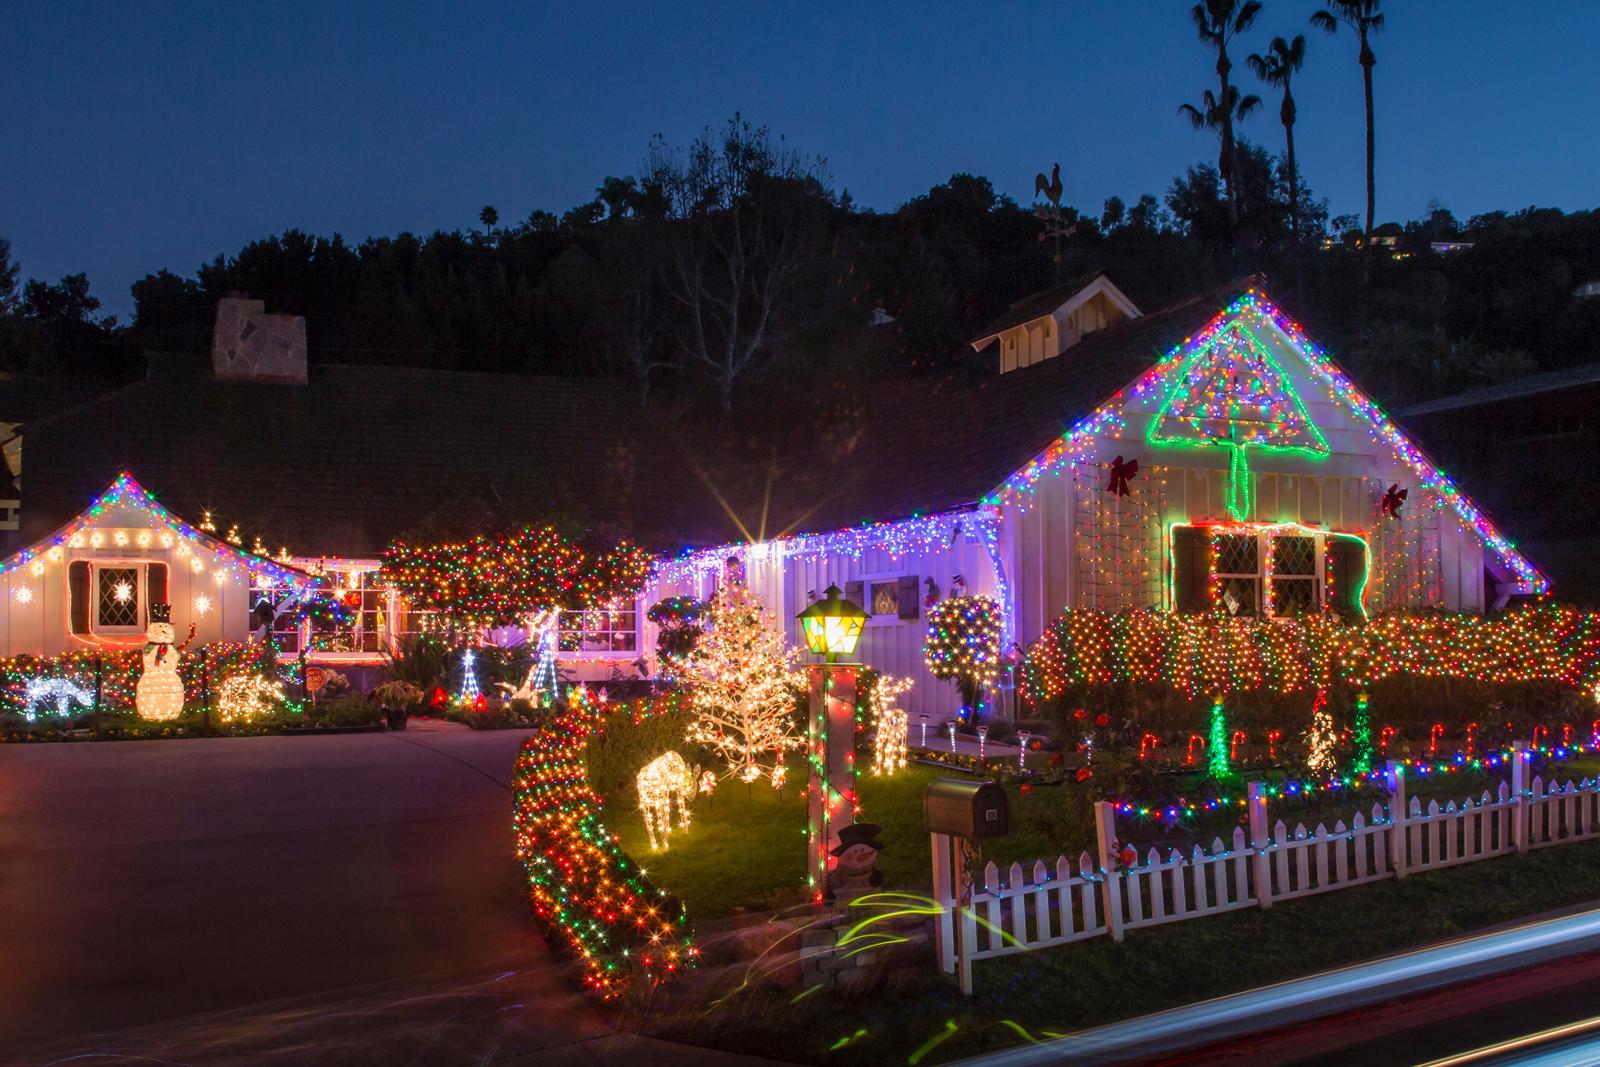 Christmas Lights | Christmas Decorations | HouseLogic